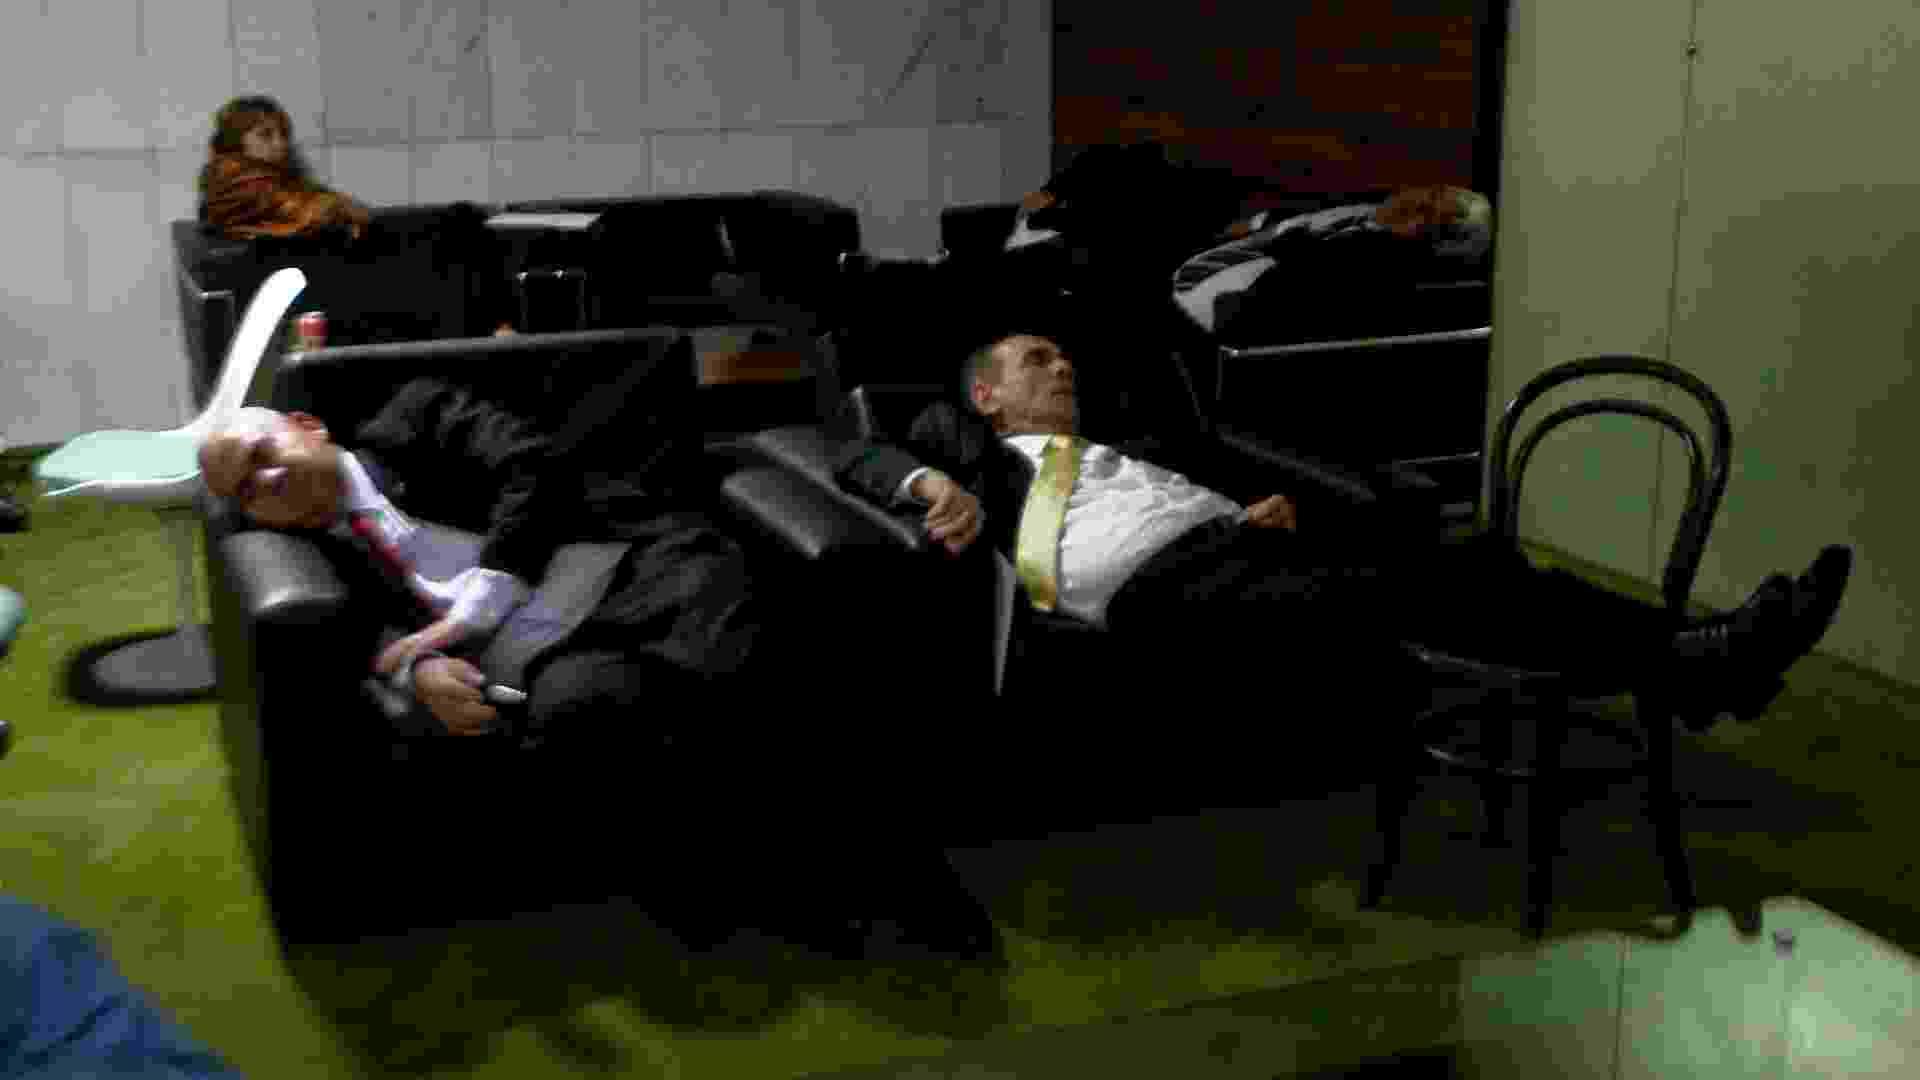 16.mai.2013 - Deputados dormem no cafezinho da Câmara dos Deputados durante a sessão de votação da MP dos Portos. Depois de 41 horas de votação, em duas jornadas que vararam as madrugadas, os deputados aprovaram na manhã desta quinta-feira (16) a medida provisória que estabelece um novo marco regulatório para o setor portuário - Alan Marques/Folhapress